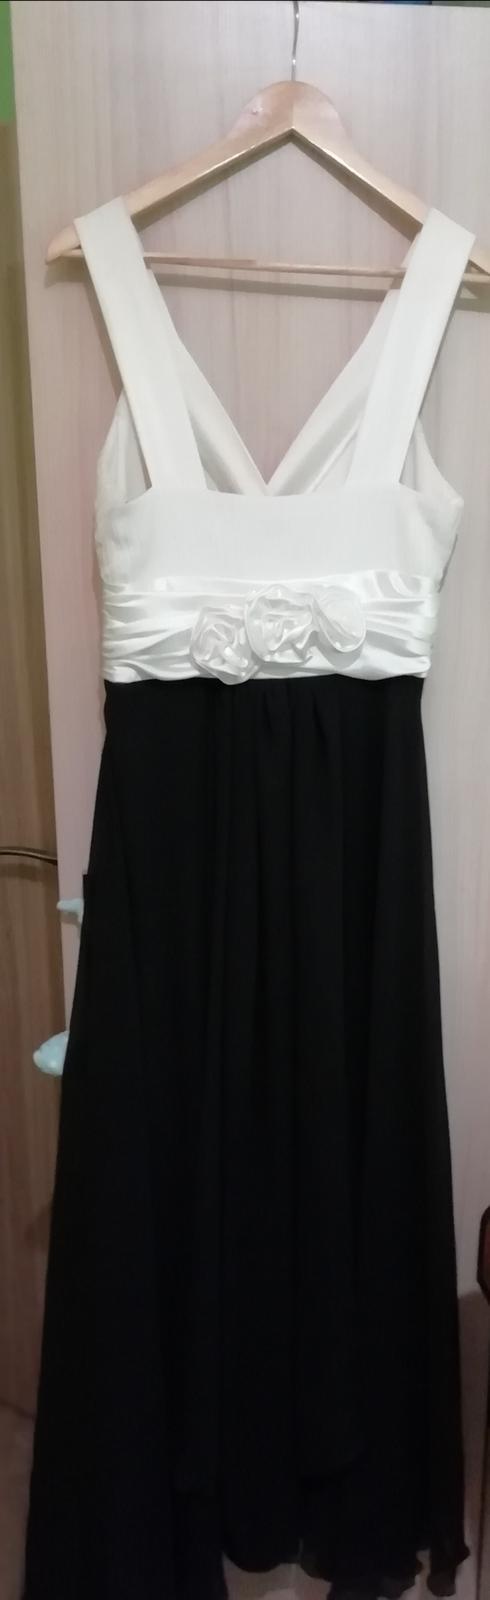 Čiernobiele šaty - Obrázok č. 2